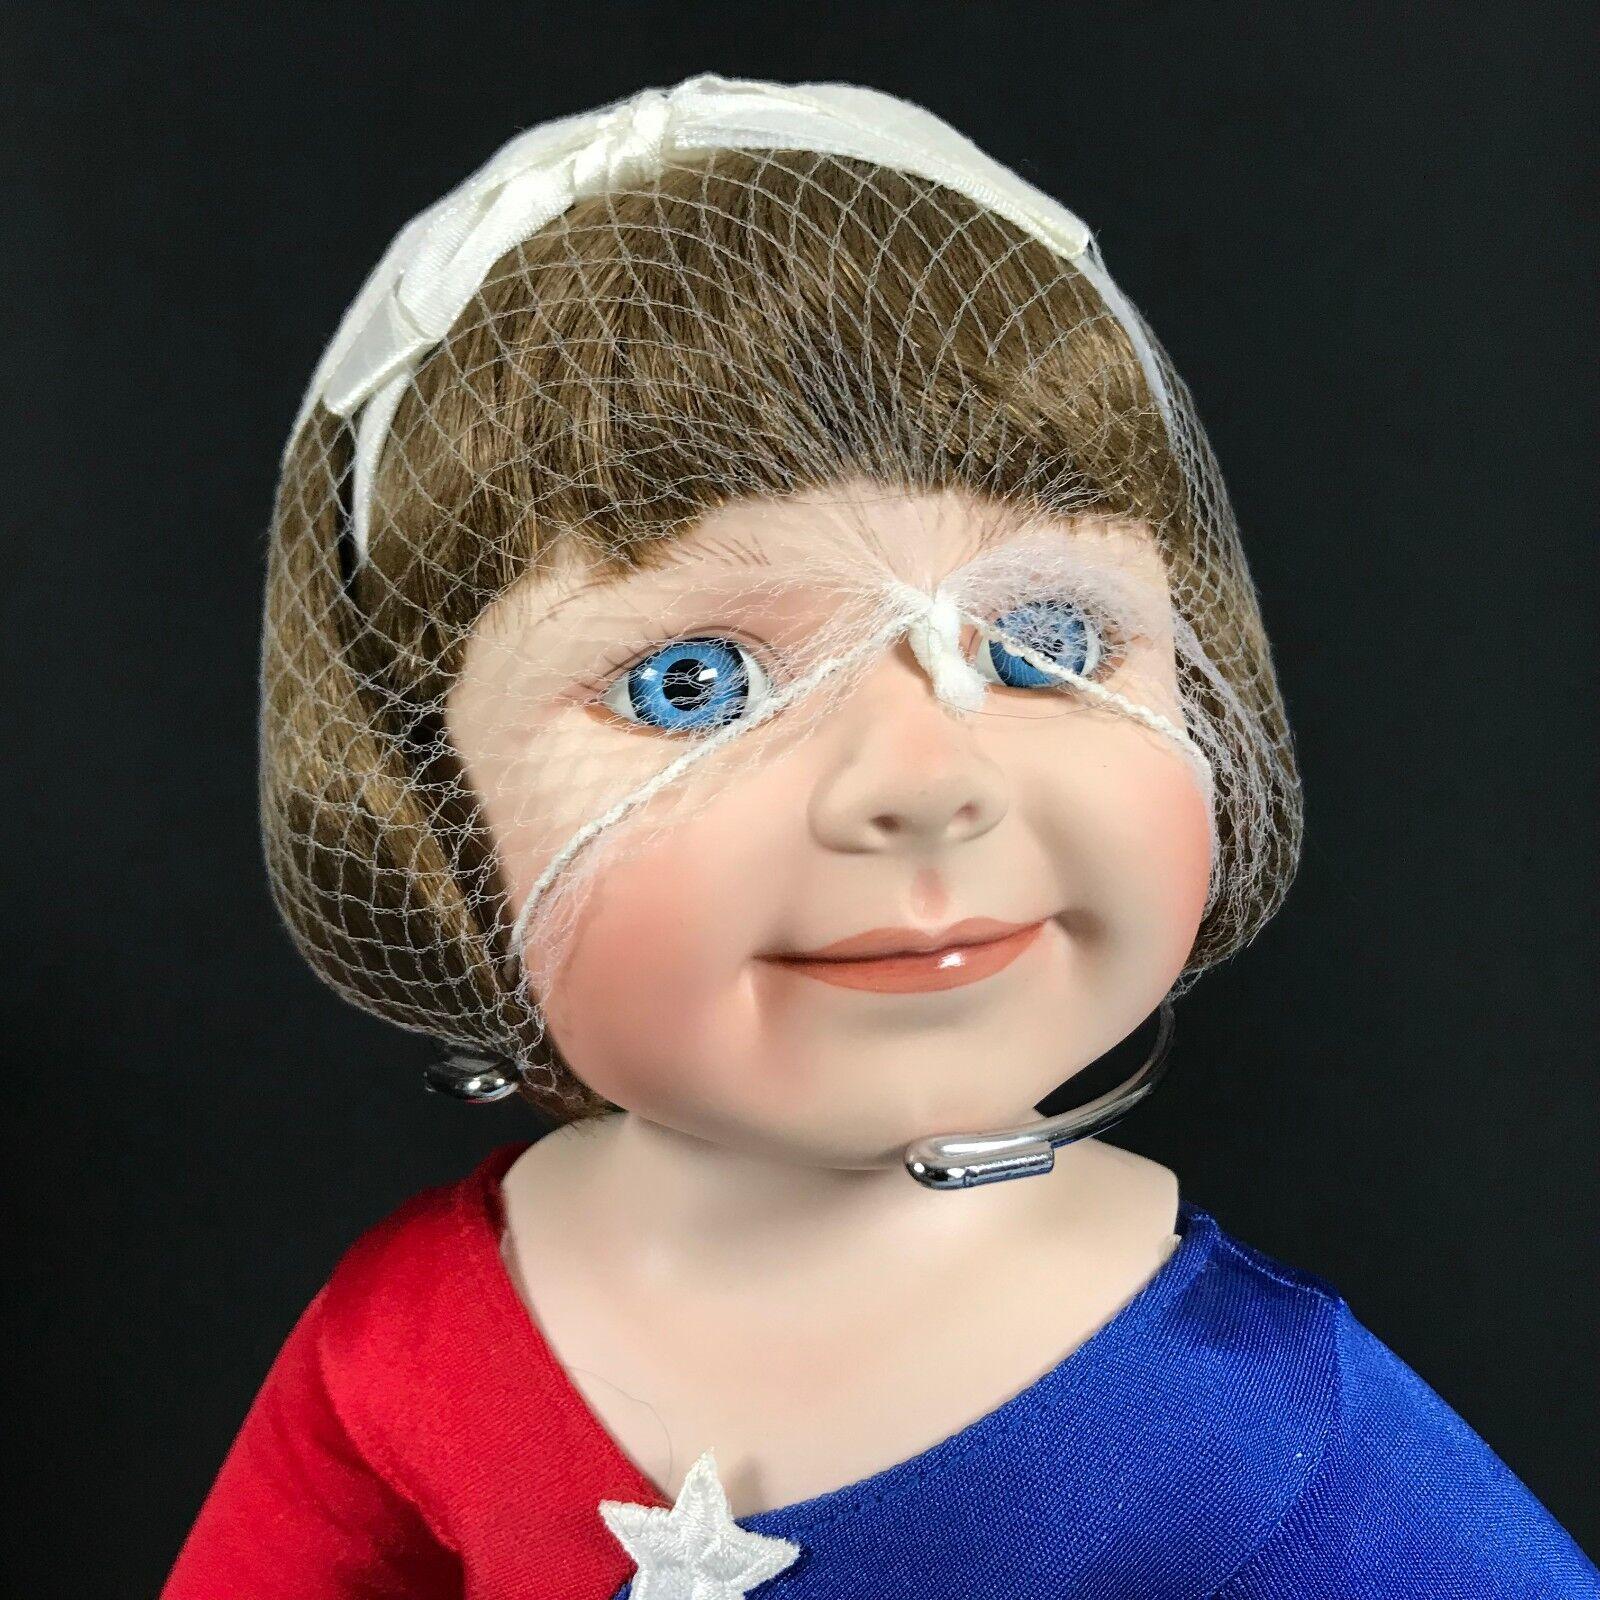 1996 Ashton Drake Little Gymnast Kathy Hippensteel Porcelain Doll Retirot NEW